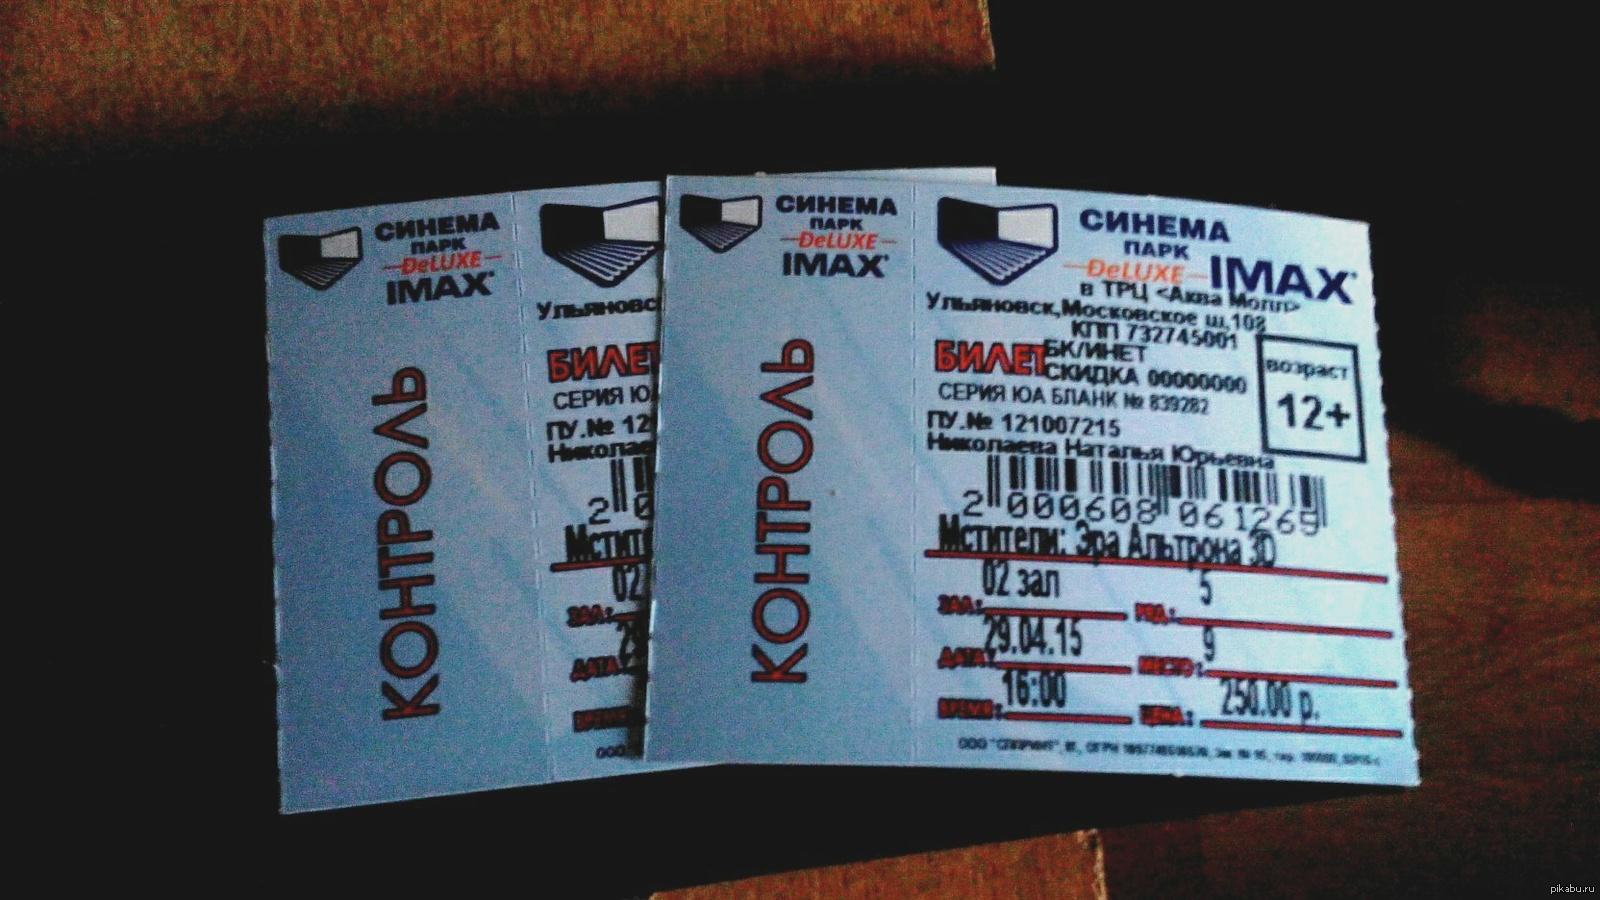 Билеты в кино imax органные концерты в царицыно афиша на